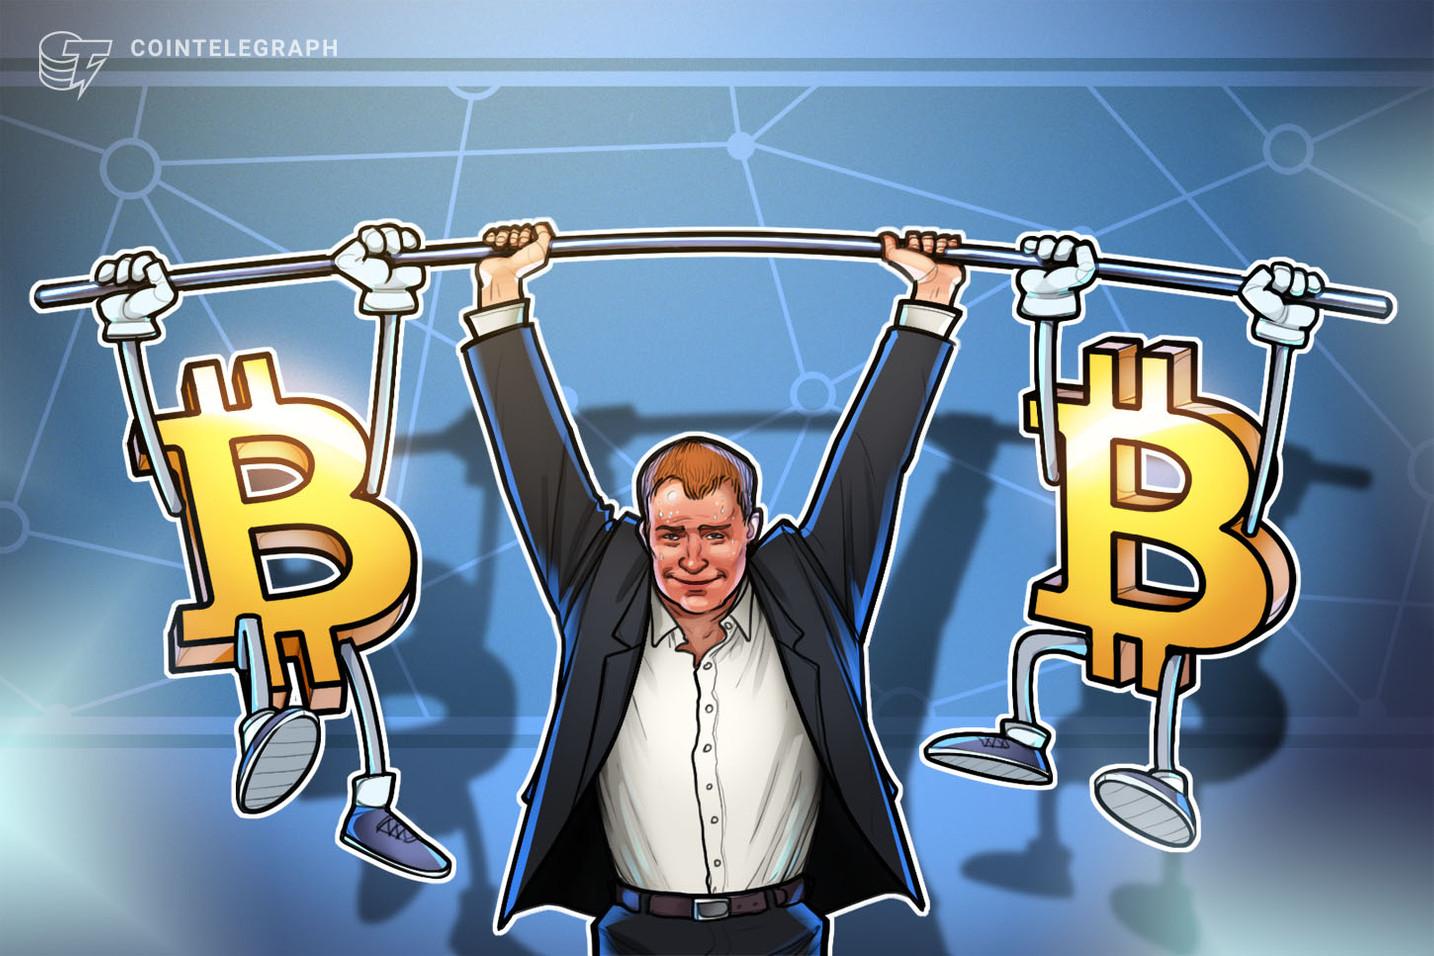 Bank of America declara que solo cuesta $93 millones mover el precio de Bitcoin en un 1%